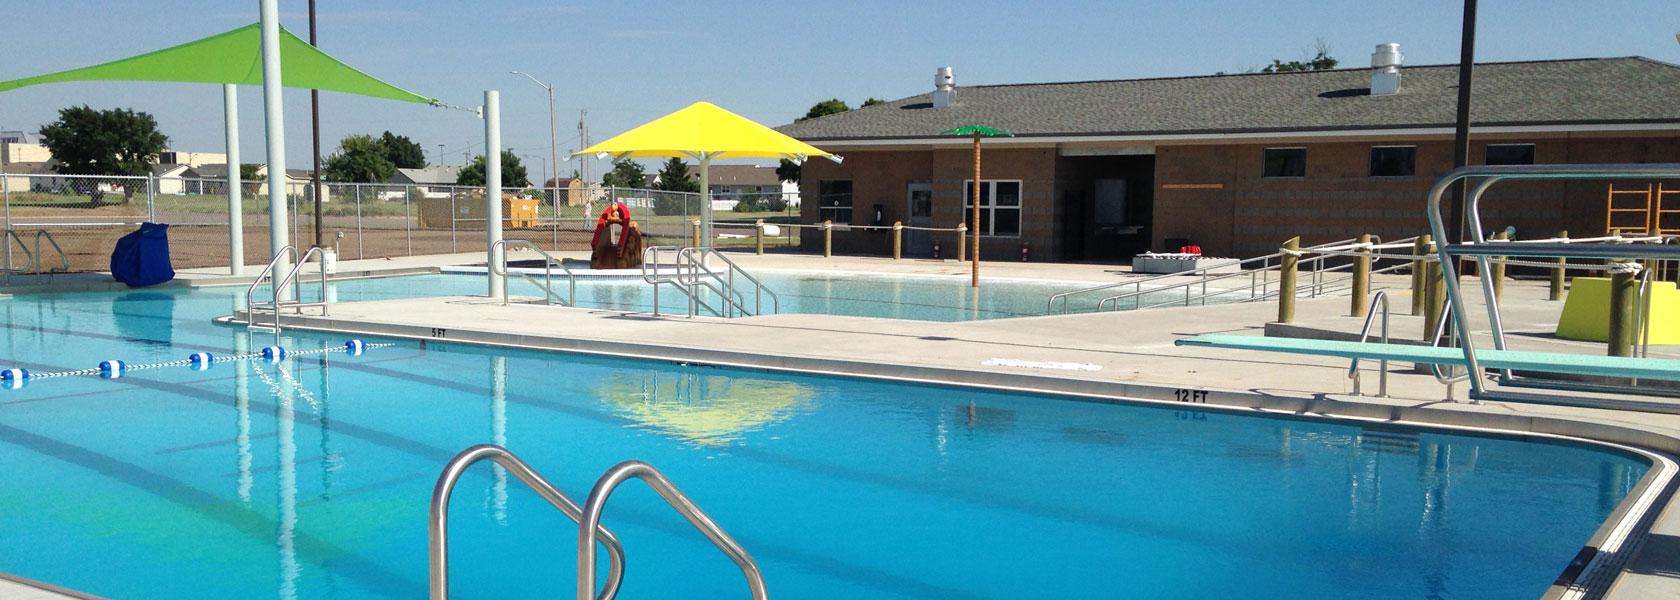 Municipal Pool and Recreation Area Security PA NJ DE